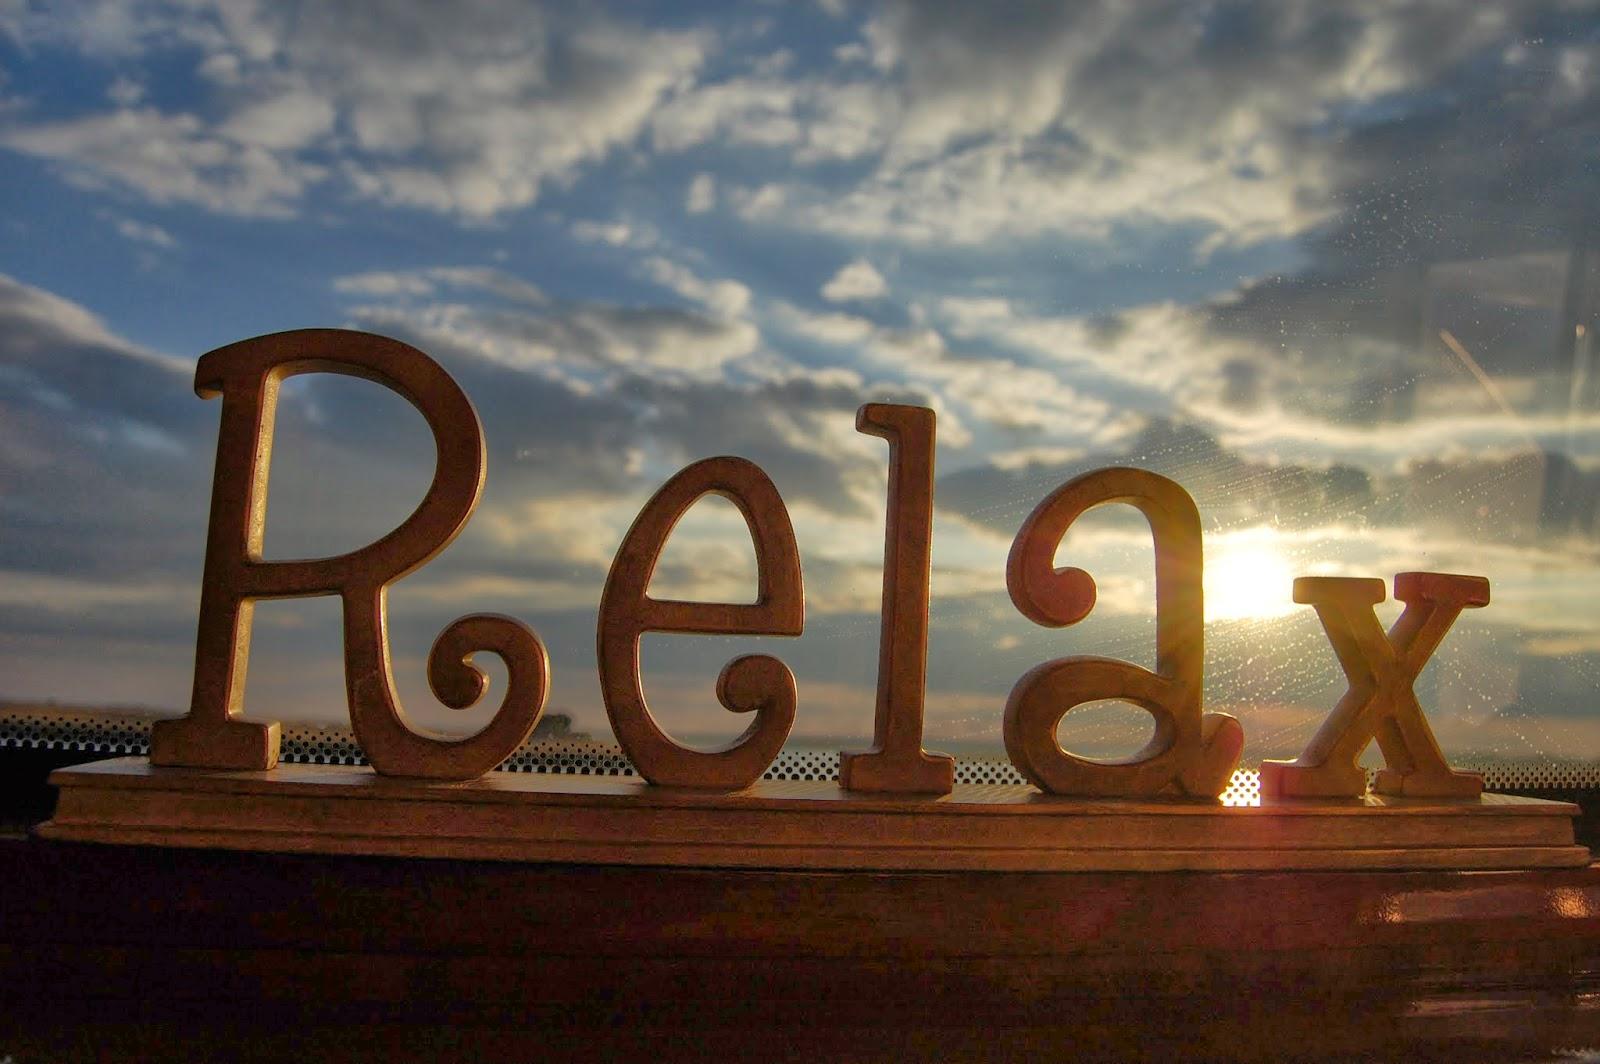 Relax Là Gì? Tìm Hiểu Về Relax Là Gì?